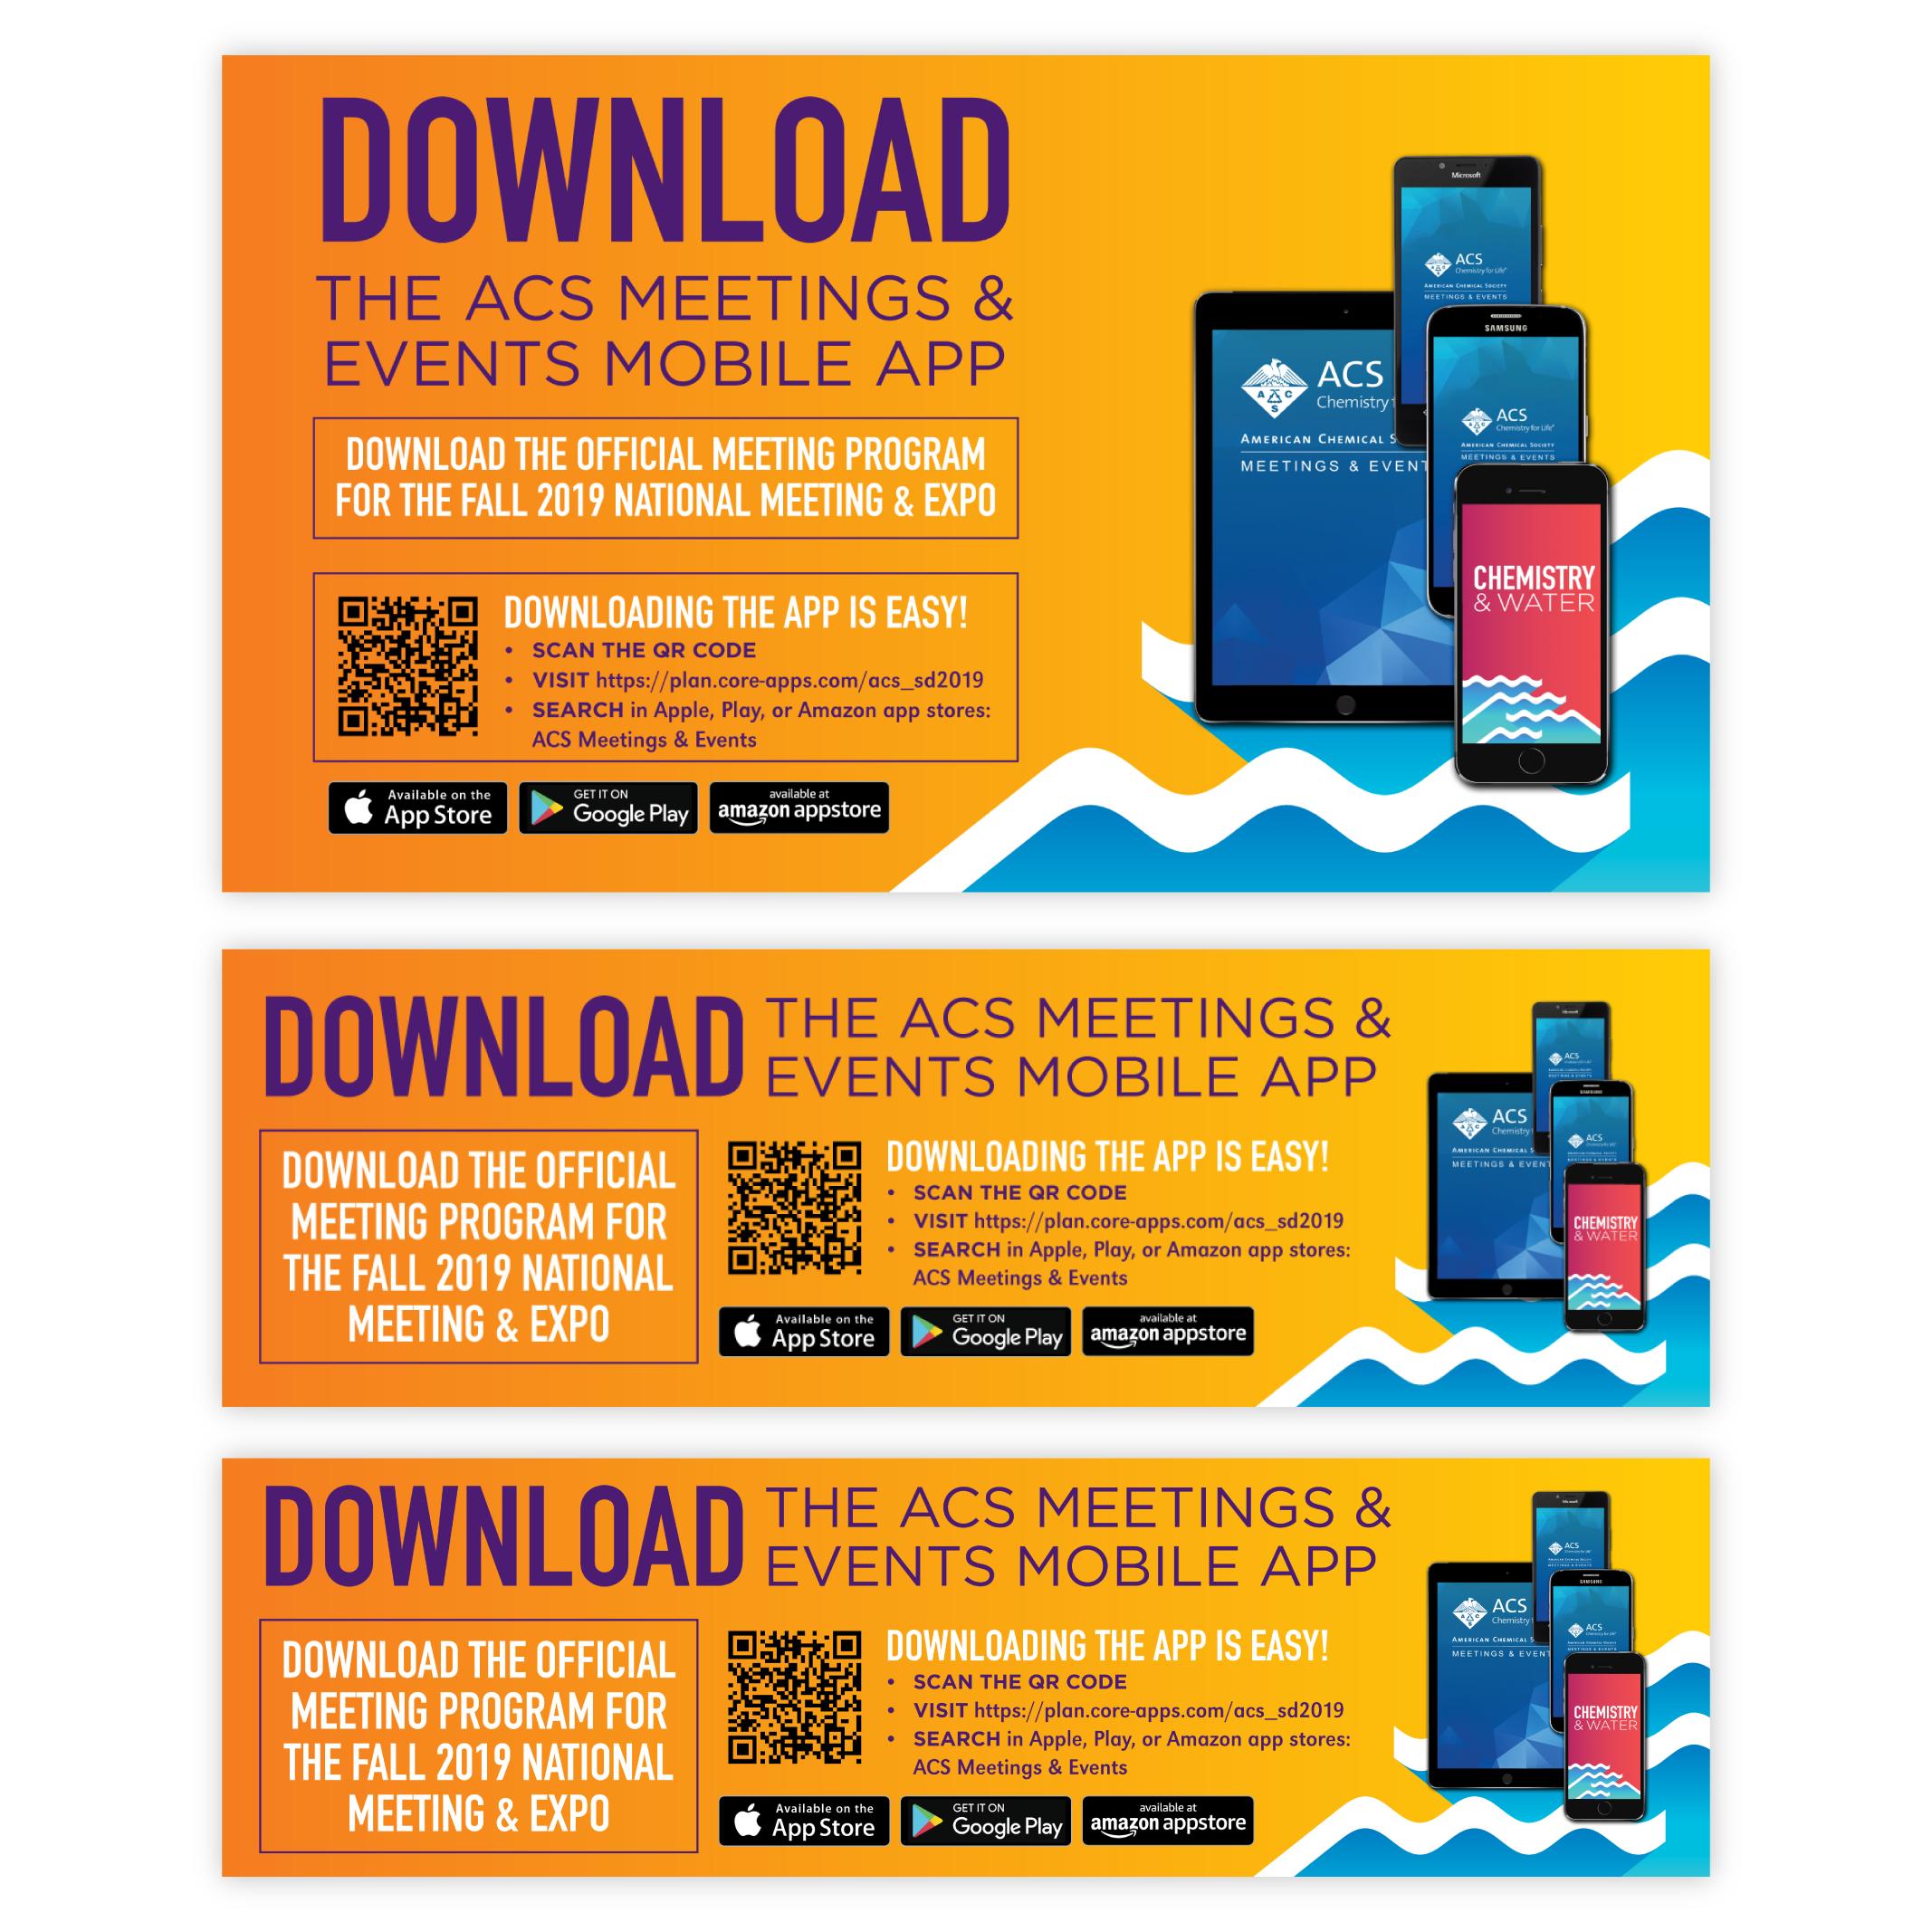 The Mobile App set of digital signage.